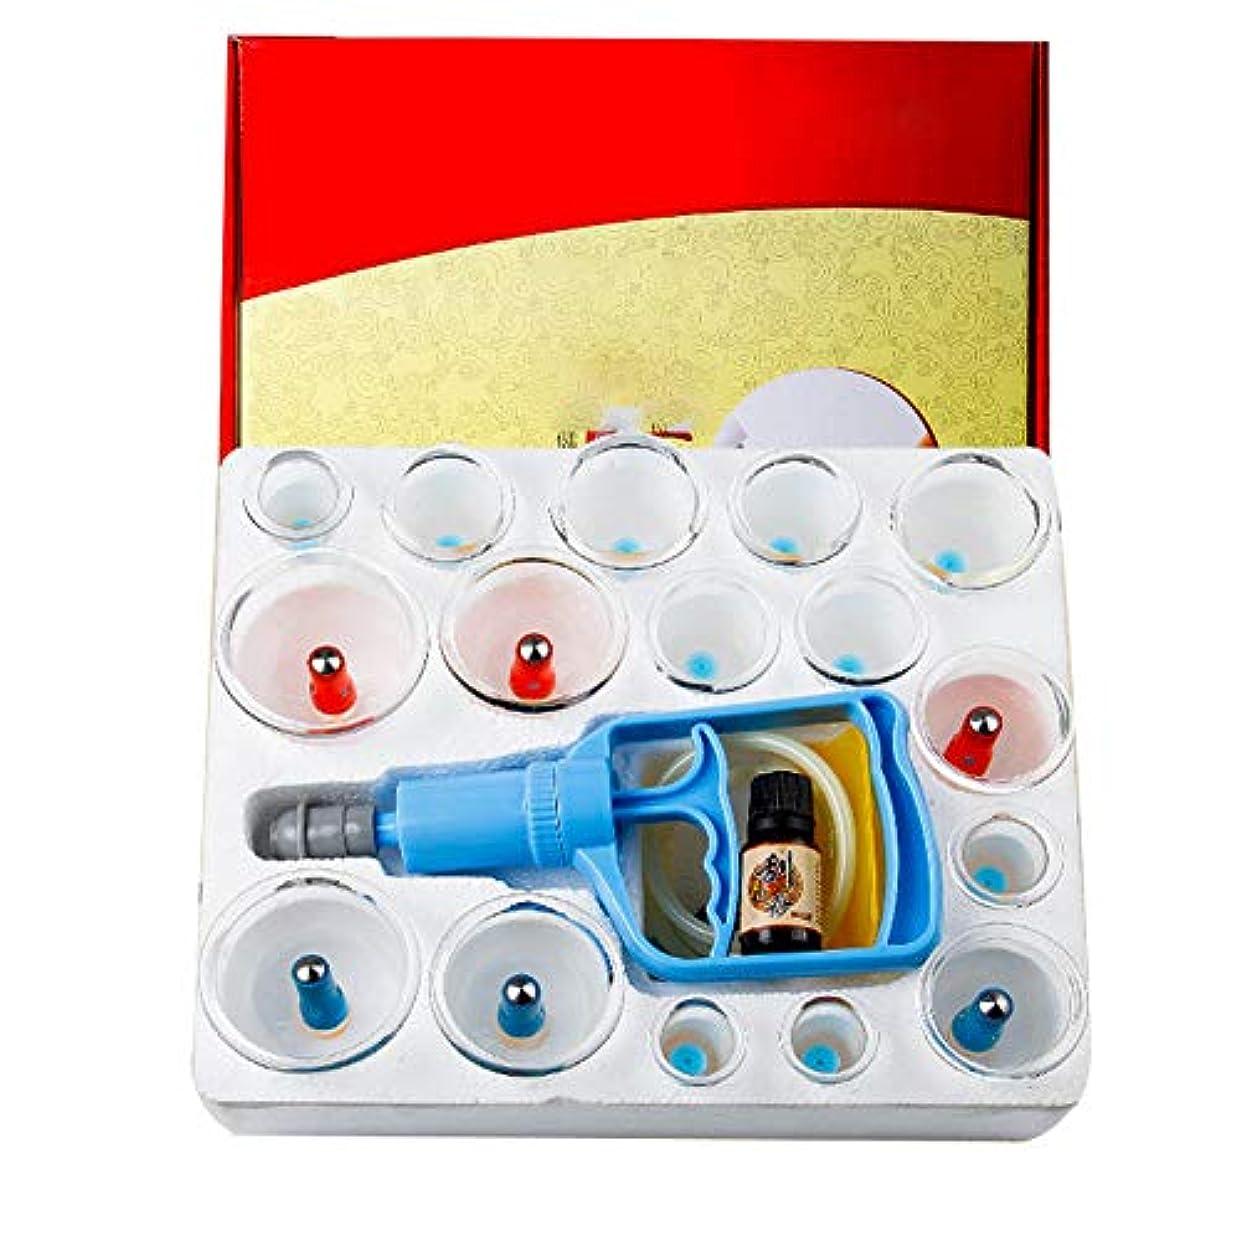 矢タービン承認16カップカッピングセットプラスチック、真空吸引生体磁気中国療法カップ、ポンプ付きホーム、女性と男性用、ストレス筋肉緩和、親家族への最高の贈り物